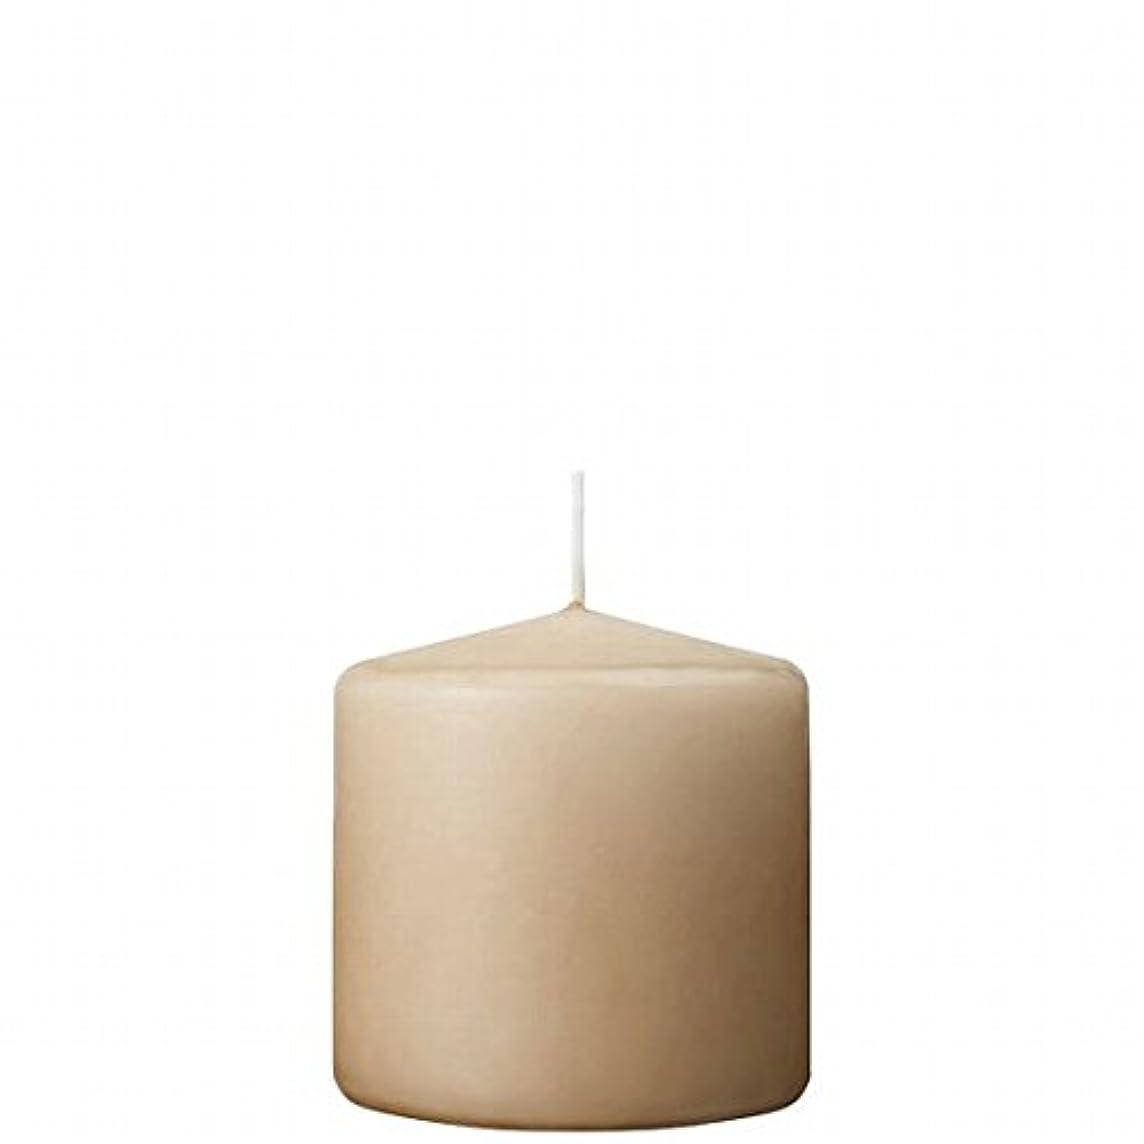 シャットシュリンク盗難kameyama candle(カメヤマキャンドル) 3×3ベルトップピラーキャンドル 「 ベージュ 」(A9730000BG)